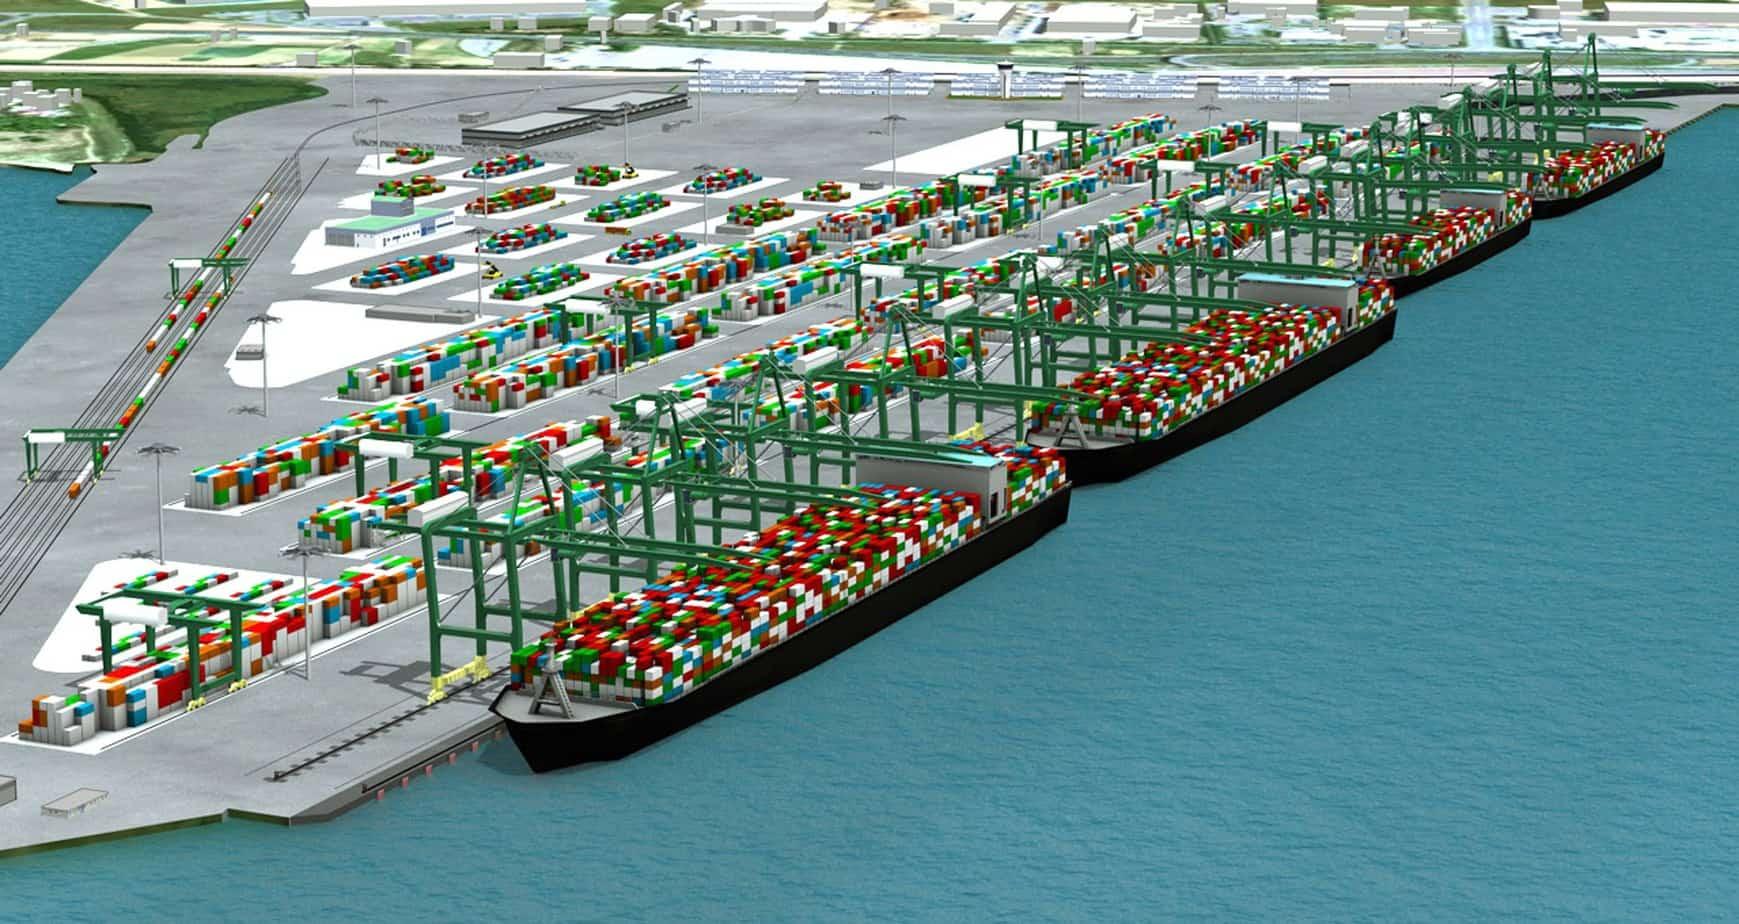 Il terminal container ingrandito; nella piantina è visibile l'area in cui si concentreranno gli interventi di adeguamento